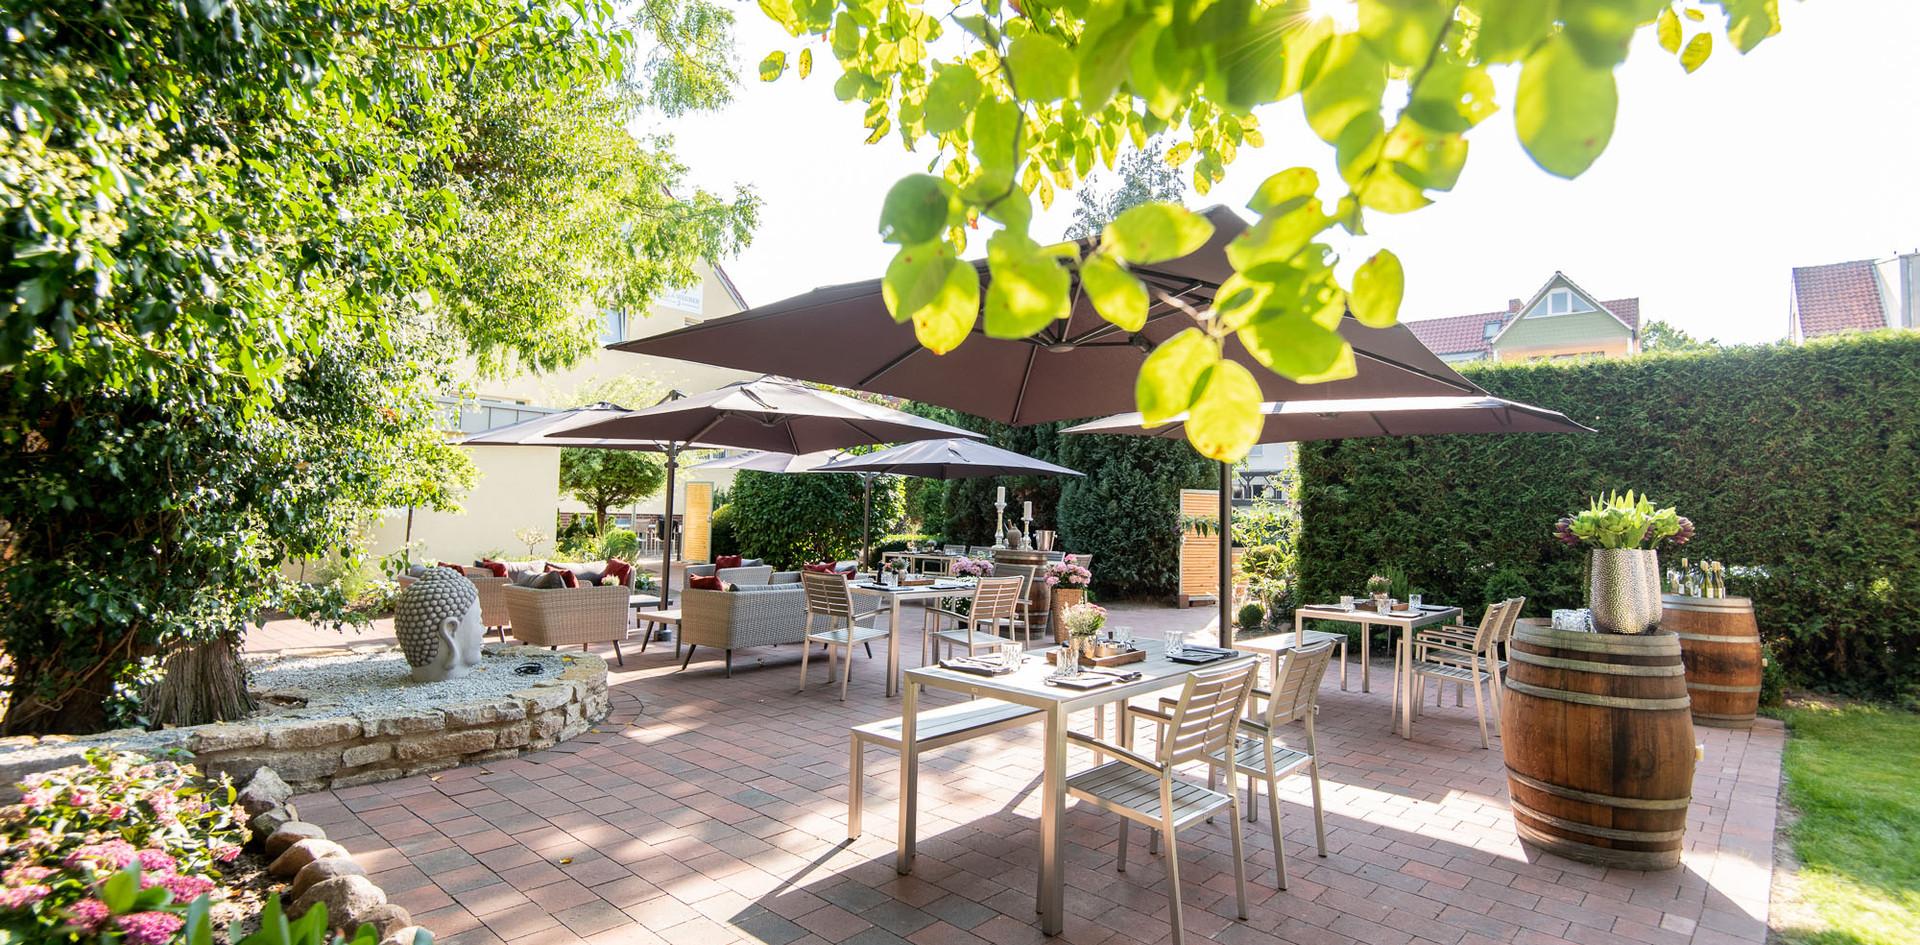 Feiern auf Gartenterrasse Hotel Wegner - the culinary art hotel